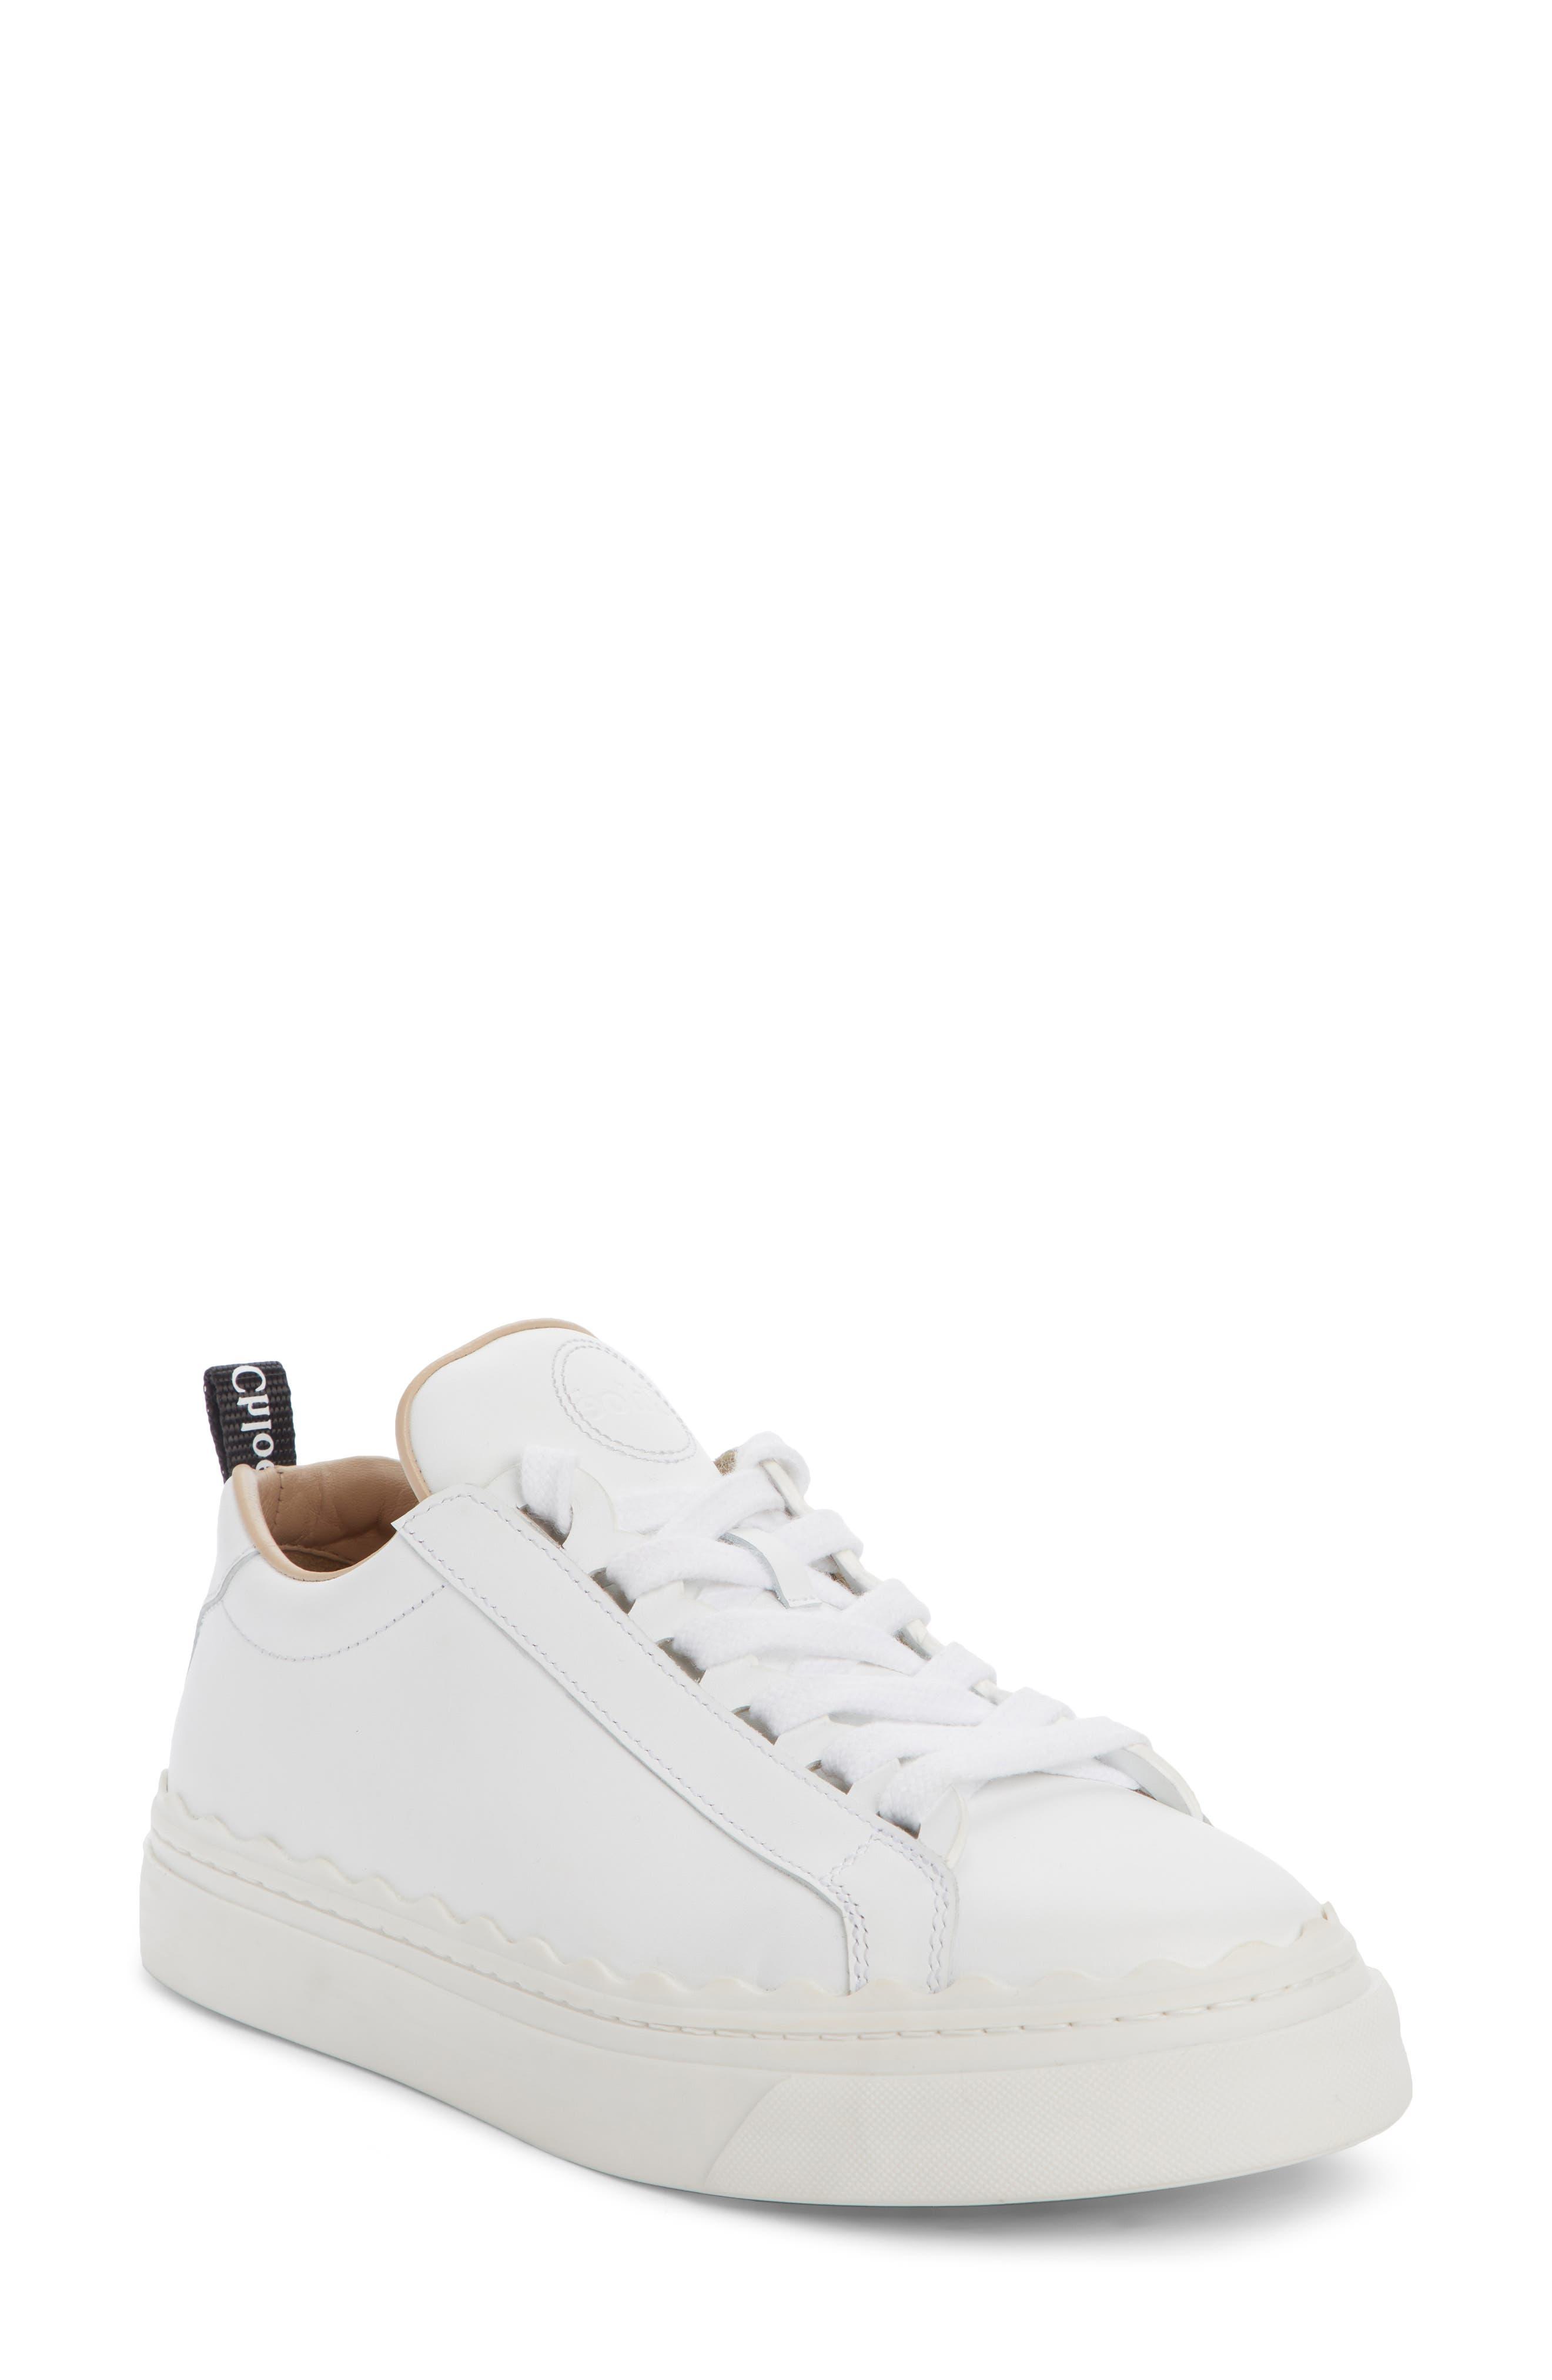 Sneakers \u0026 Athletic Shoes   Nordstrom